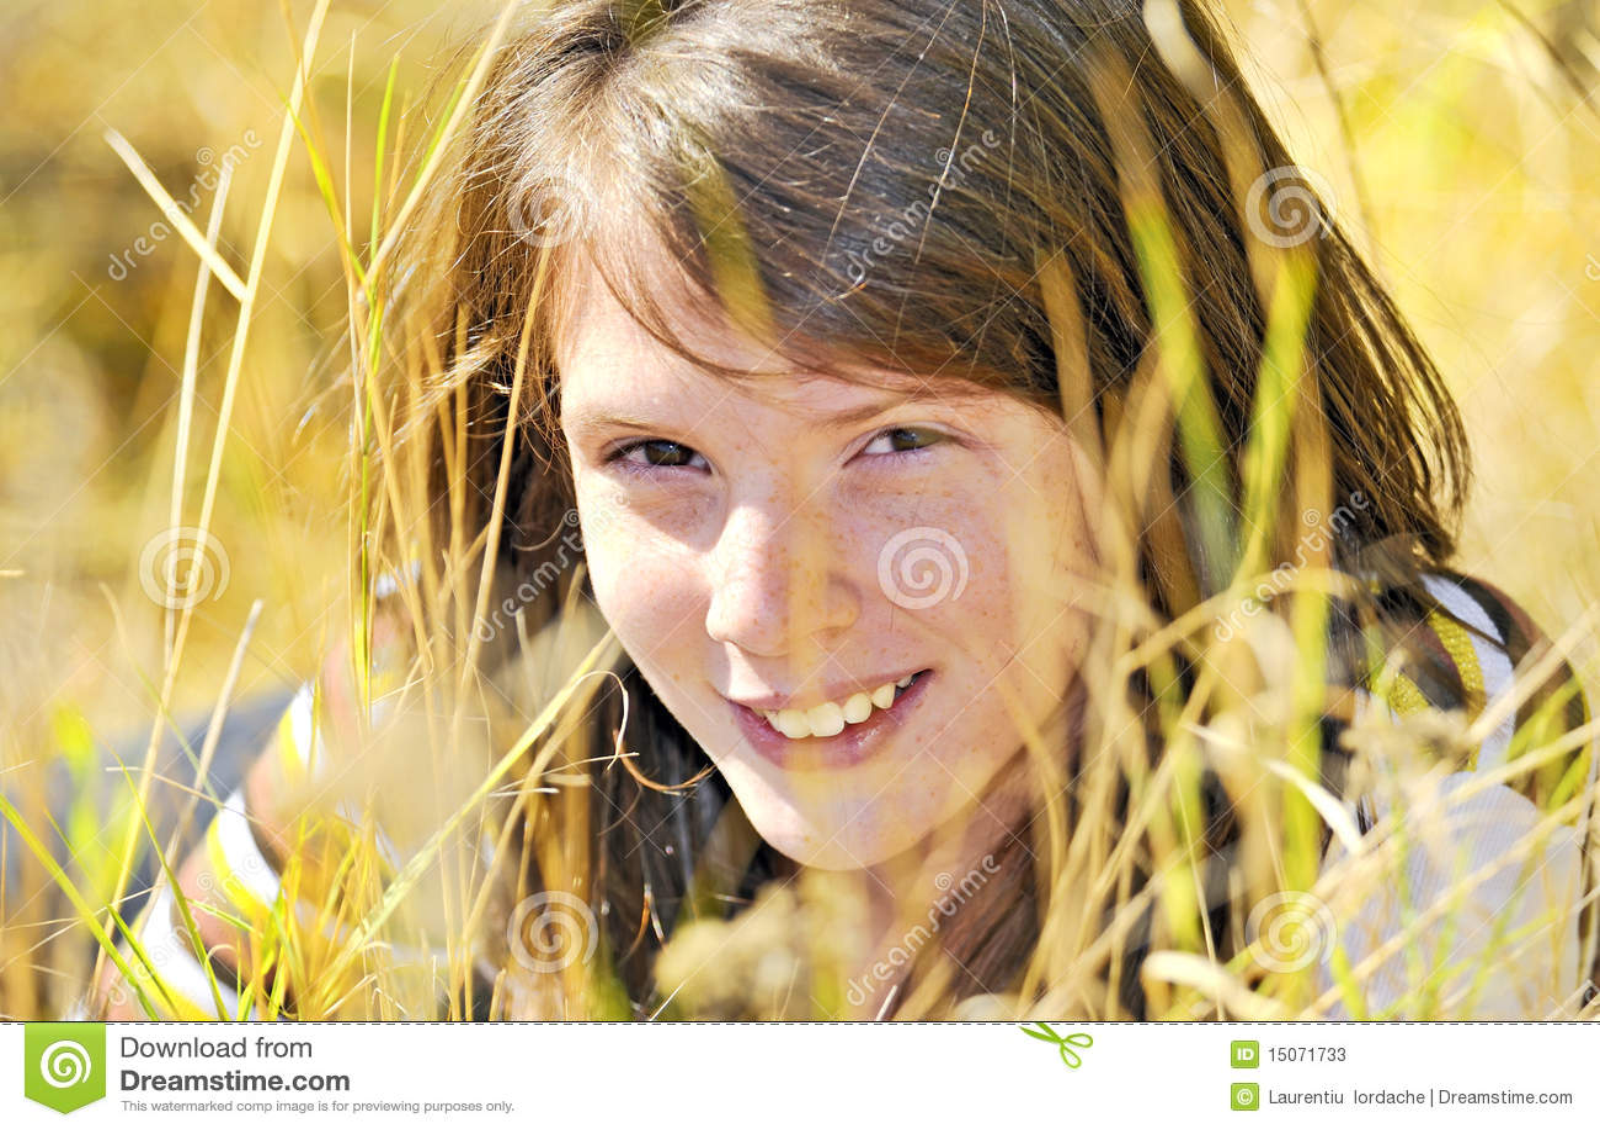 Retrato de una muchacha sonriente